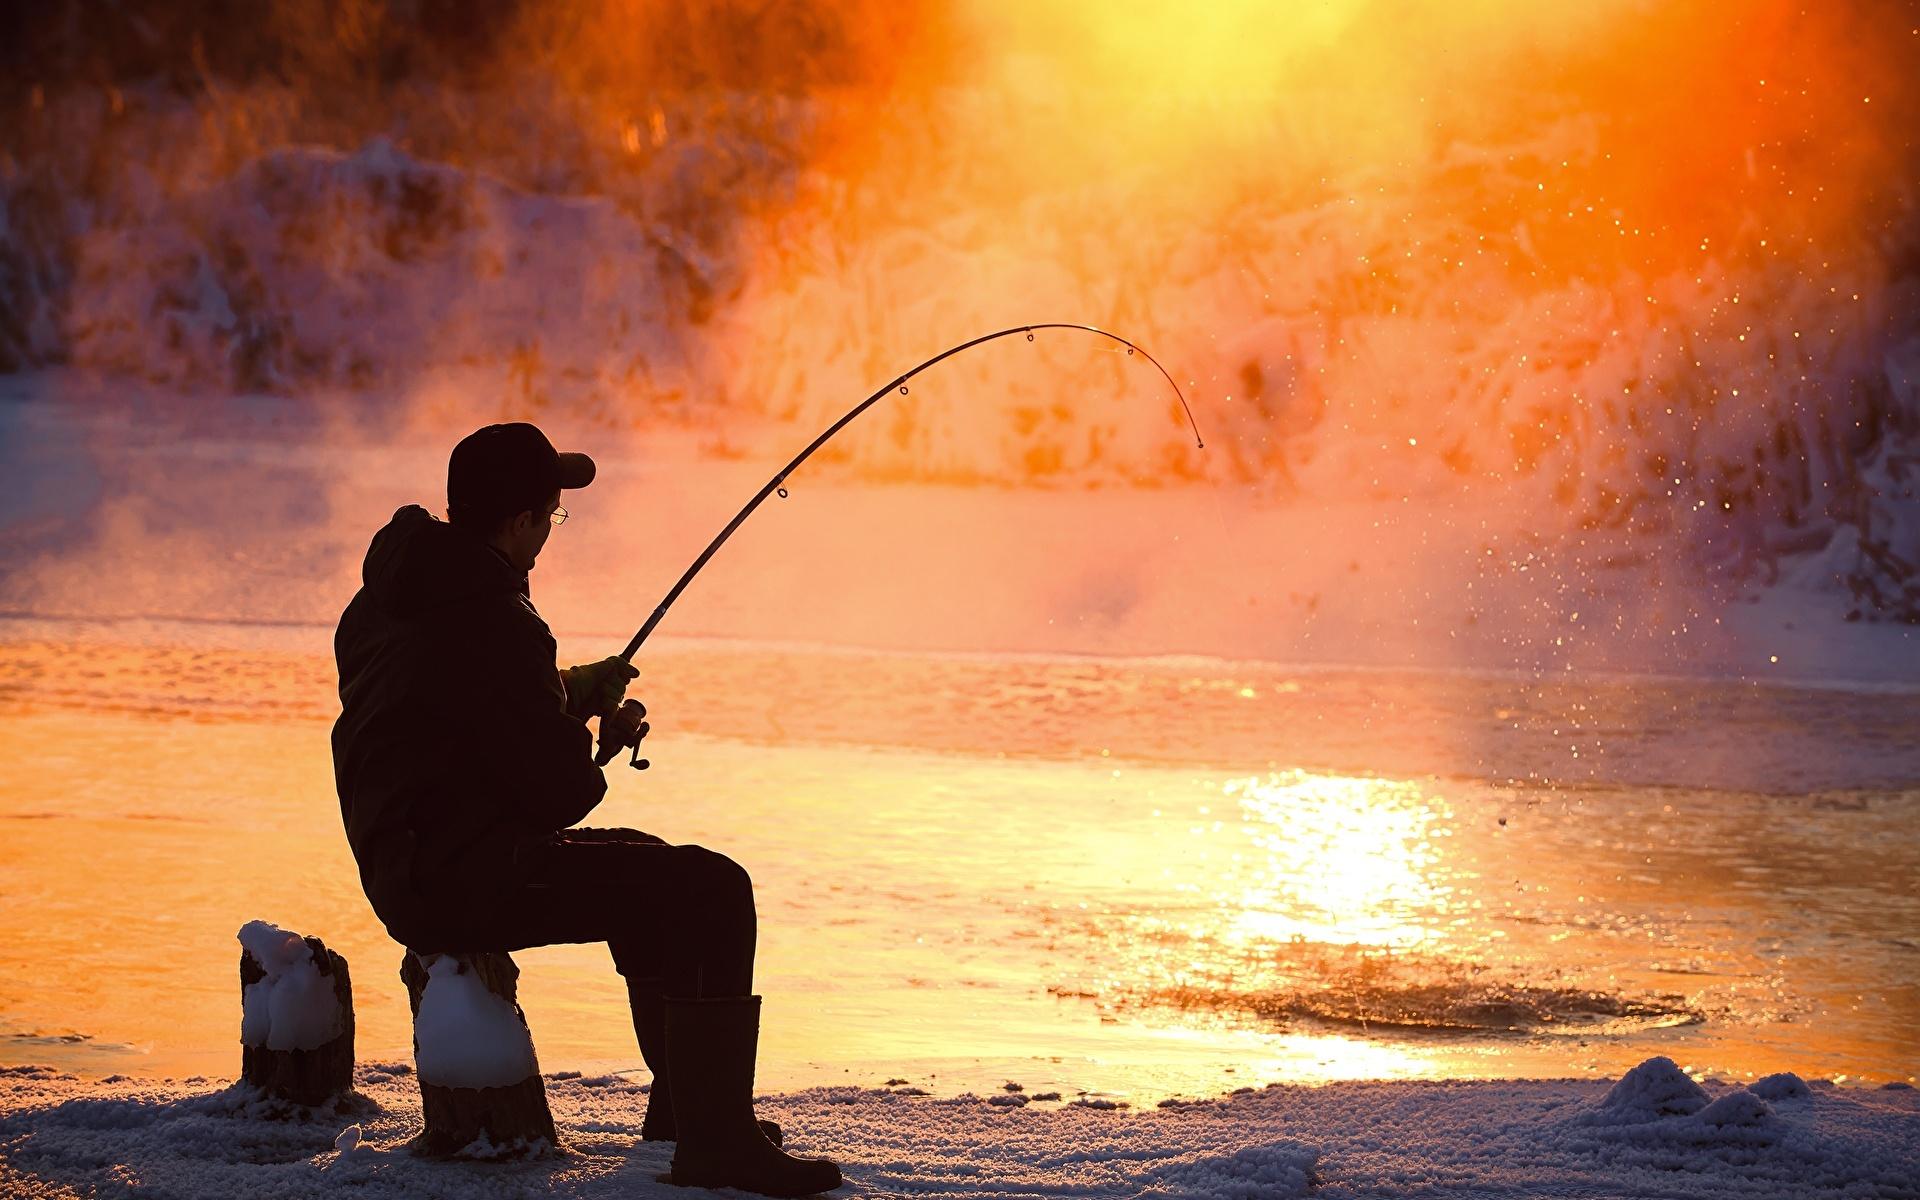 Bilder von Mann Fischerei Dampf Sitzend 1920x1200